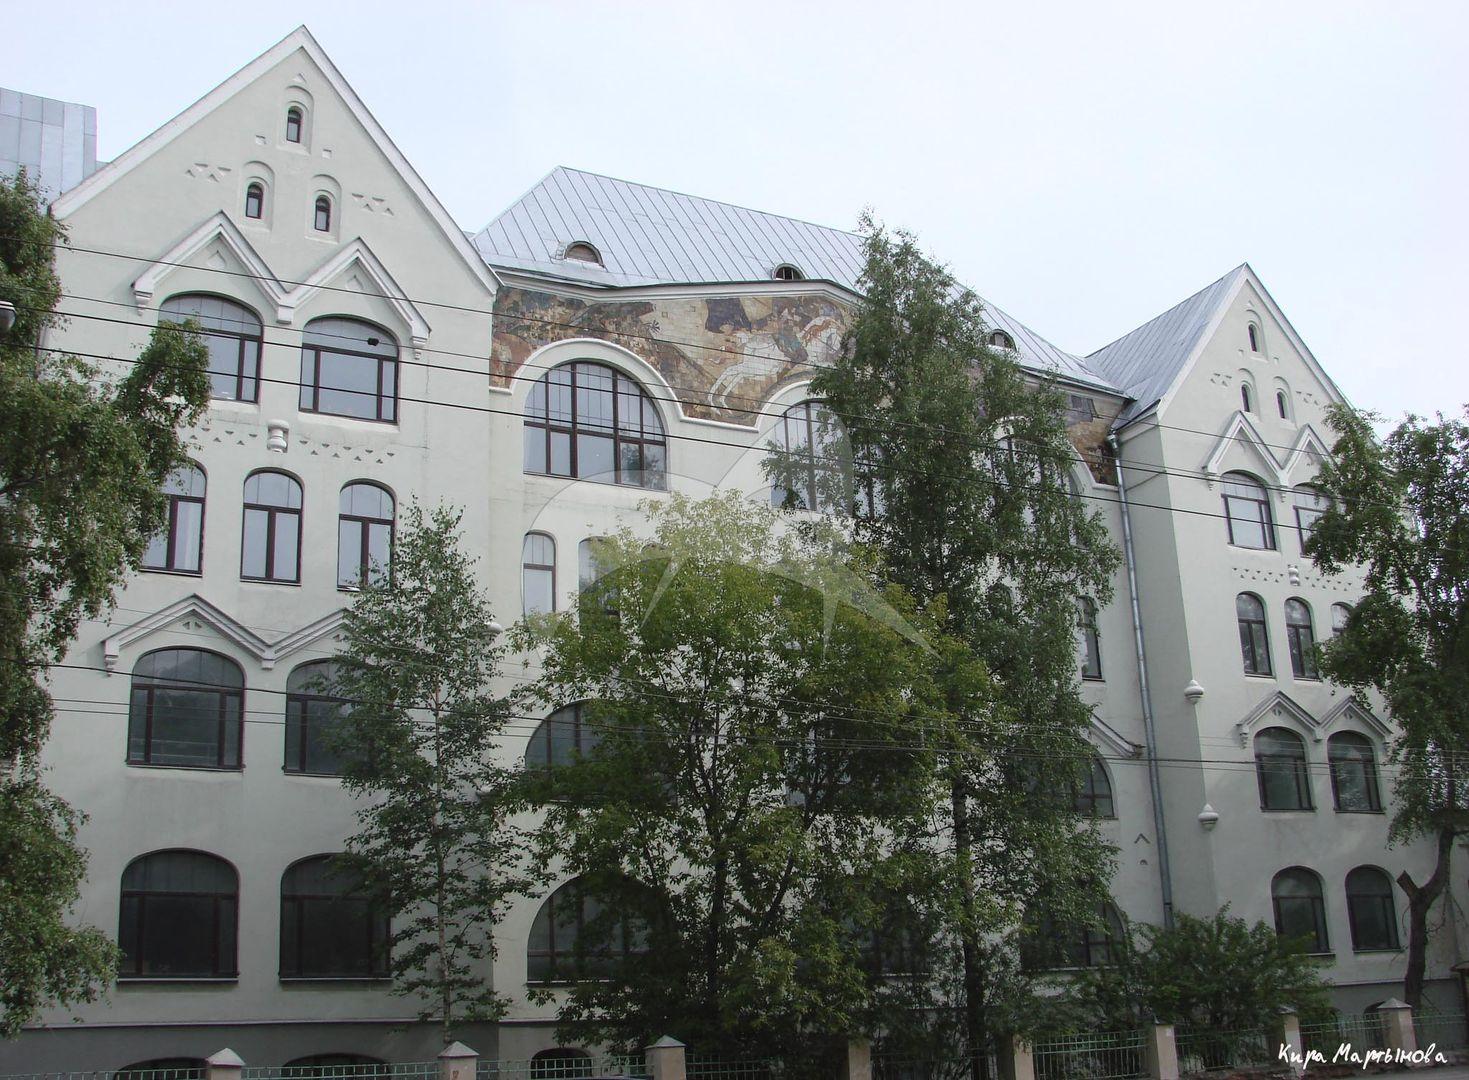 Начальное училище, 1910-1911 гг., арх. А.А. Остроградский. Мозаичное панно на главном фасаде, 1911 г., худ. С.В. Чехонин